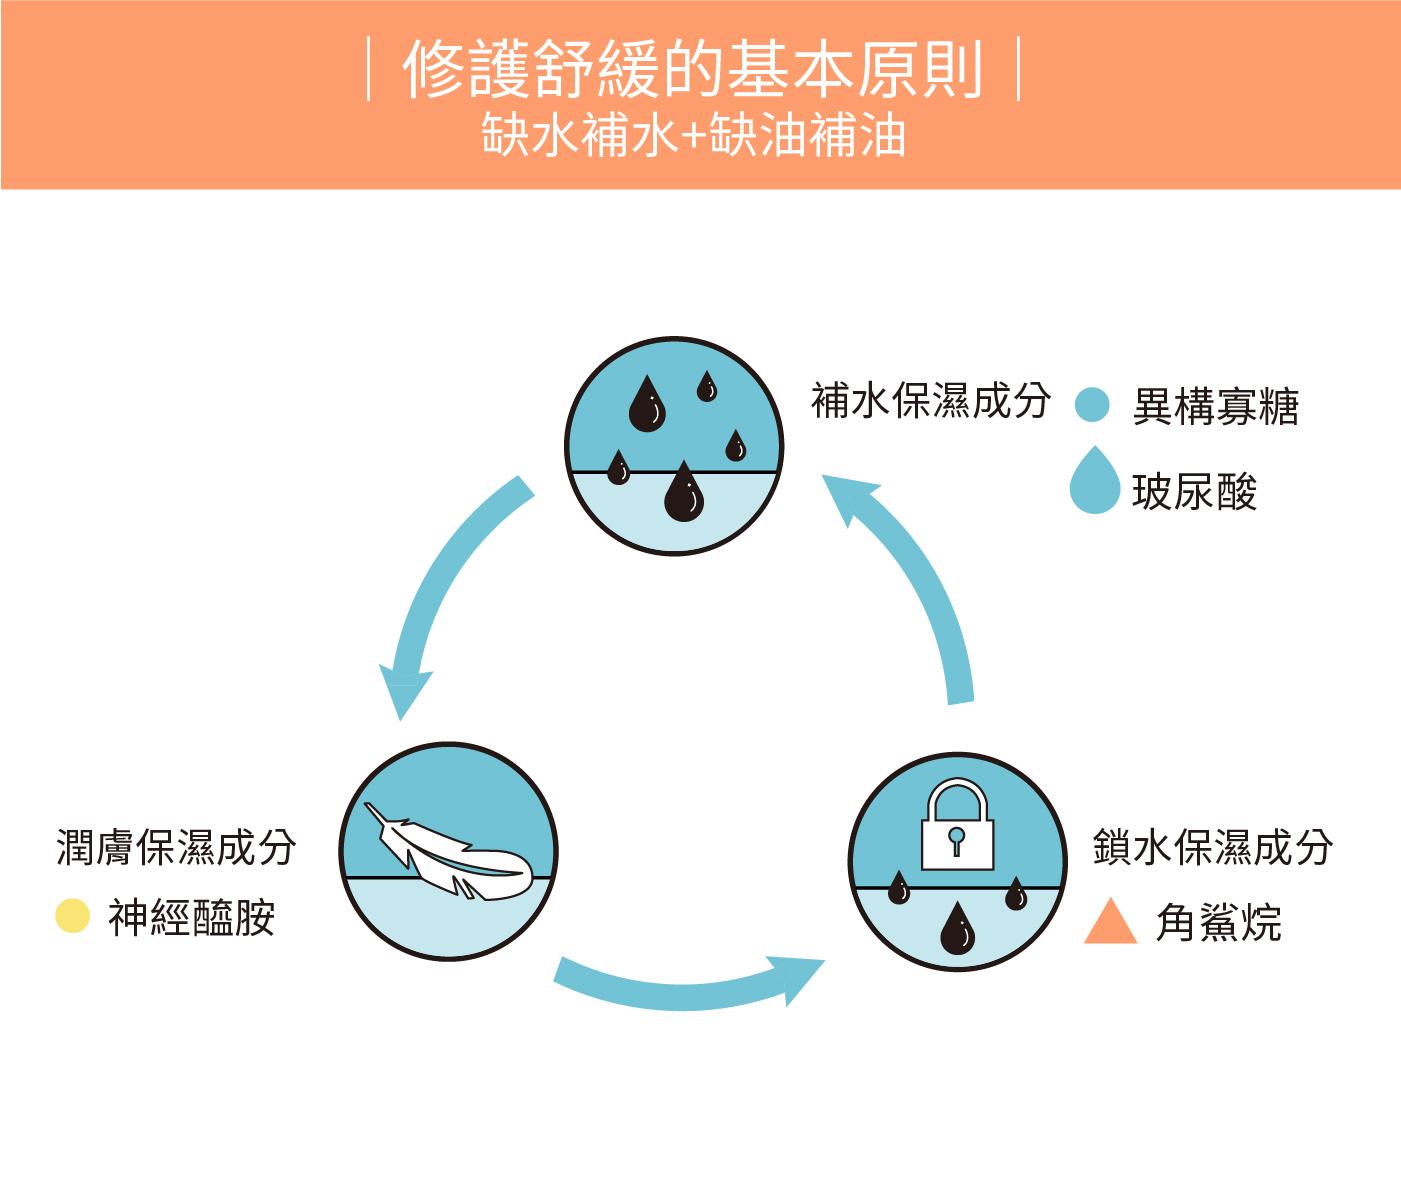 修護舒緩的基本原則─做好保濕三步驟,缺水補水、缺油補油,避免肌膚乾癢